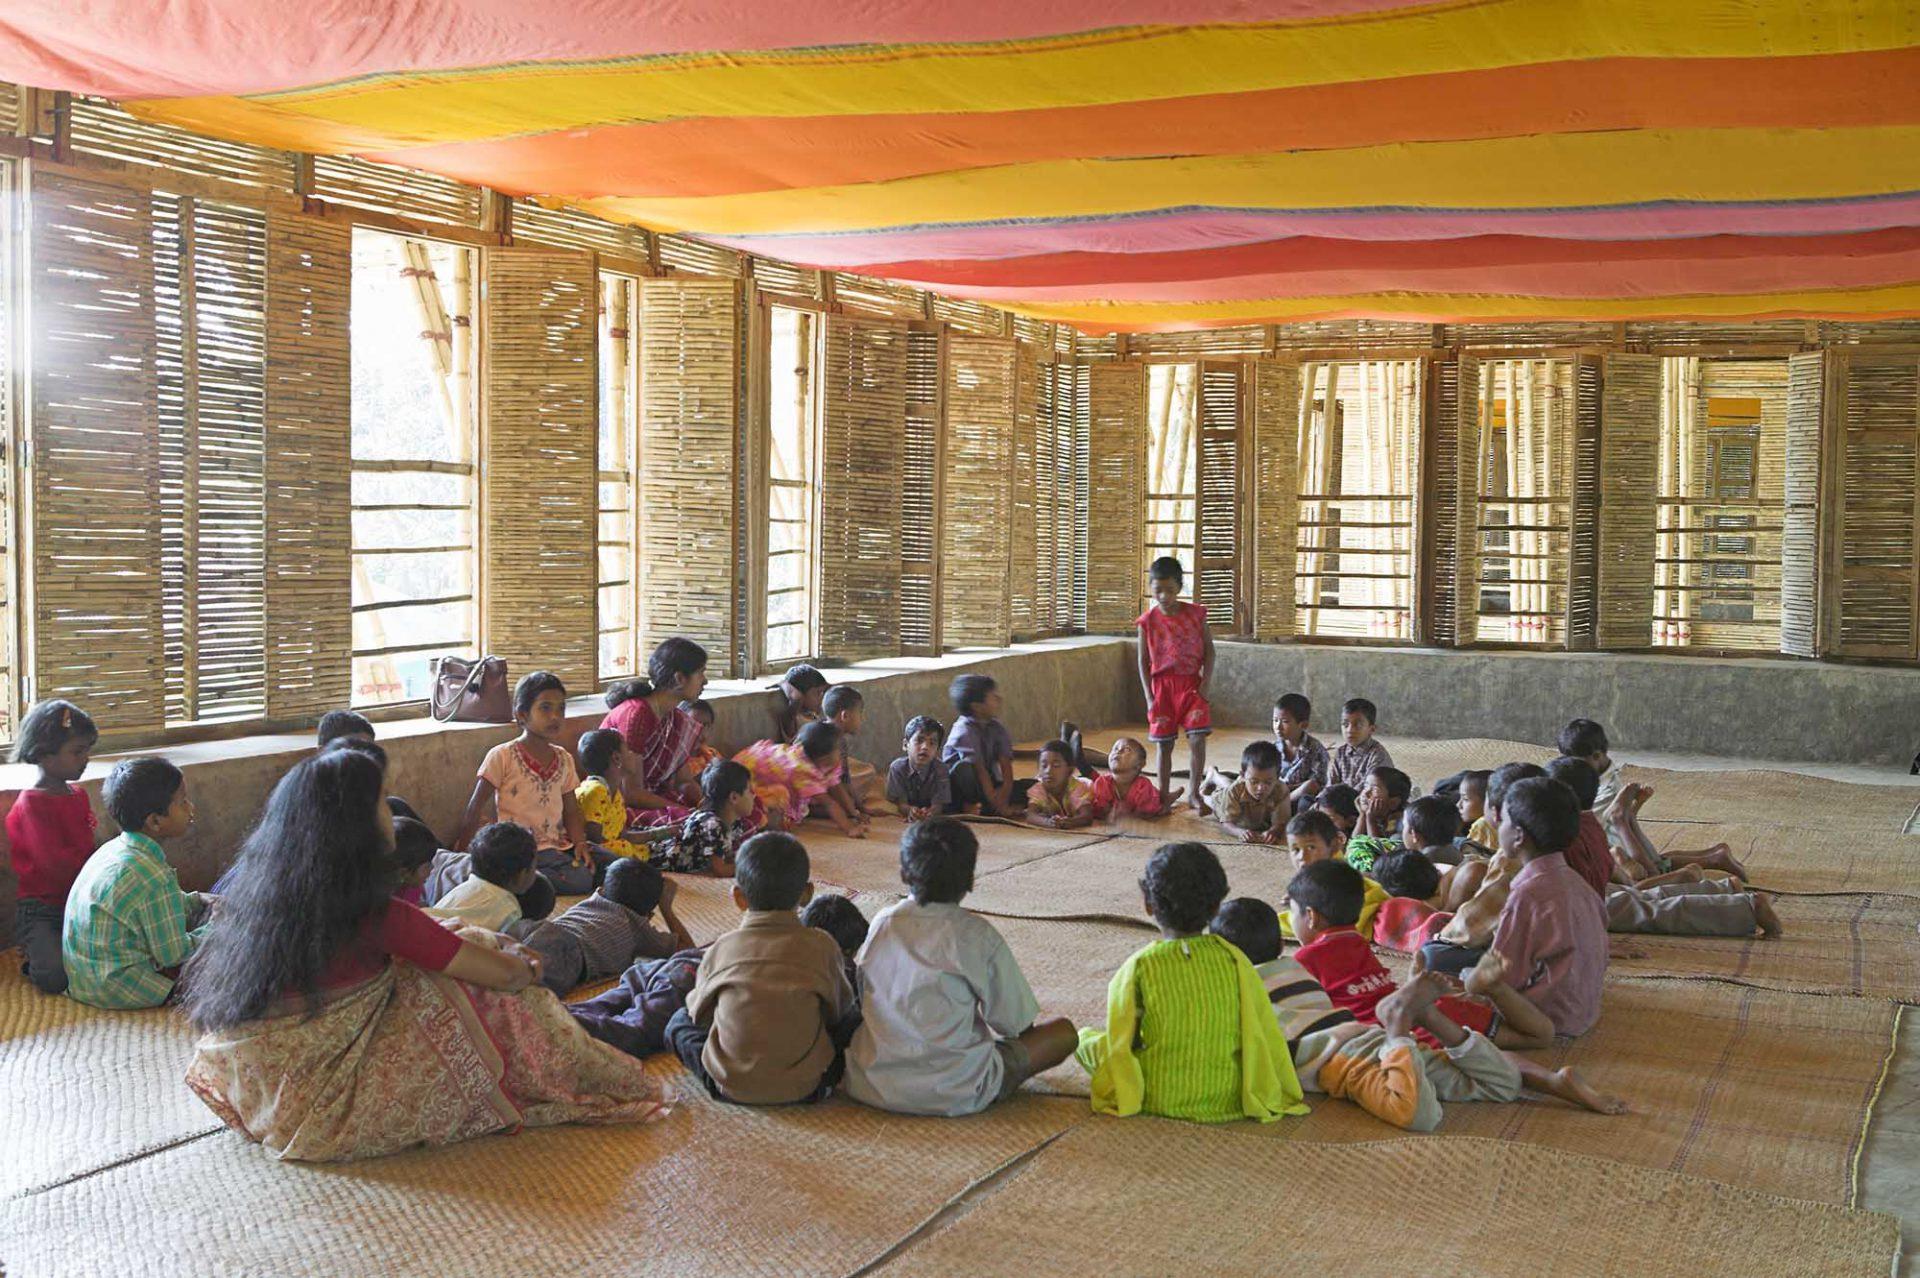 METI School. Bauherr Dipshikha/METI (Modern Education and Training Institute), Bangladesch in Kooperation mit Partnerschaft Shanti - Bangladesch e.V. und Päpstlichem Missionswerk der Kinder (PMK). Bauzeit: September bis Dezember 2005